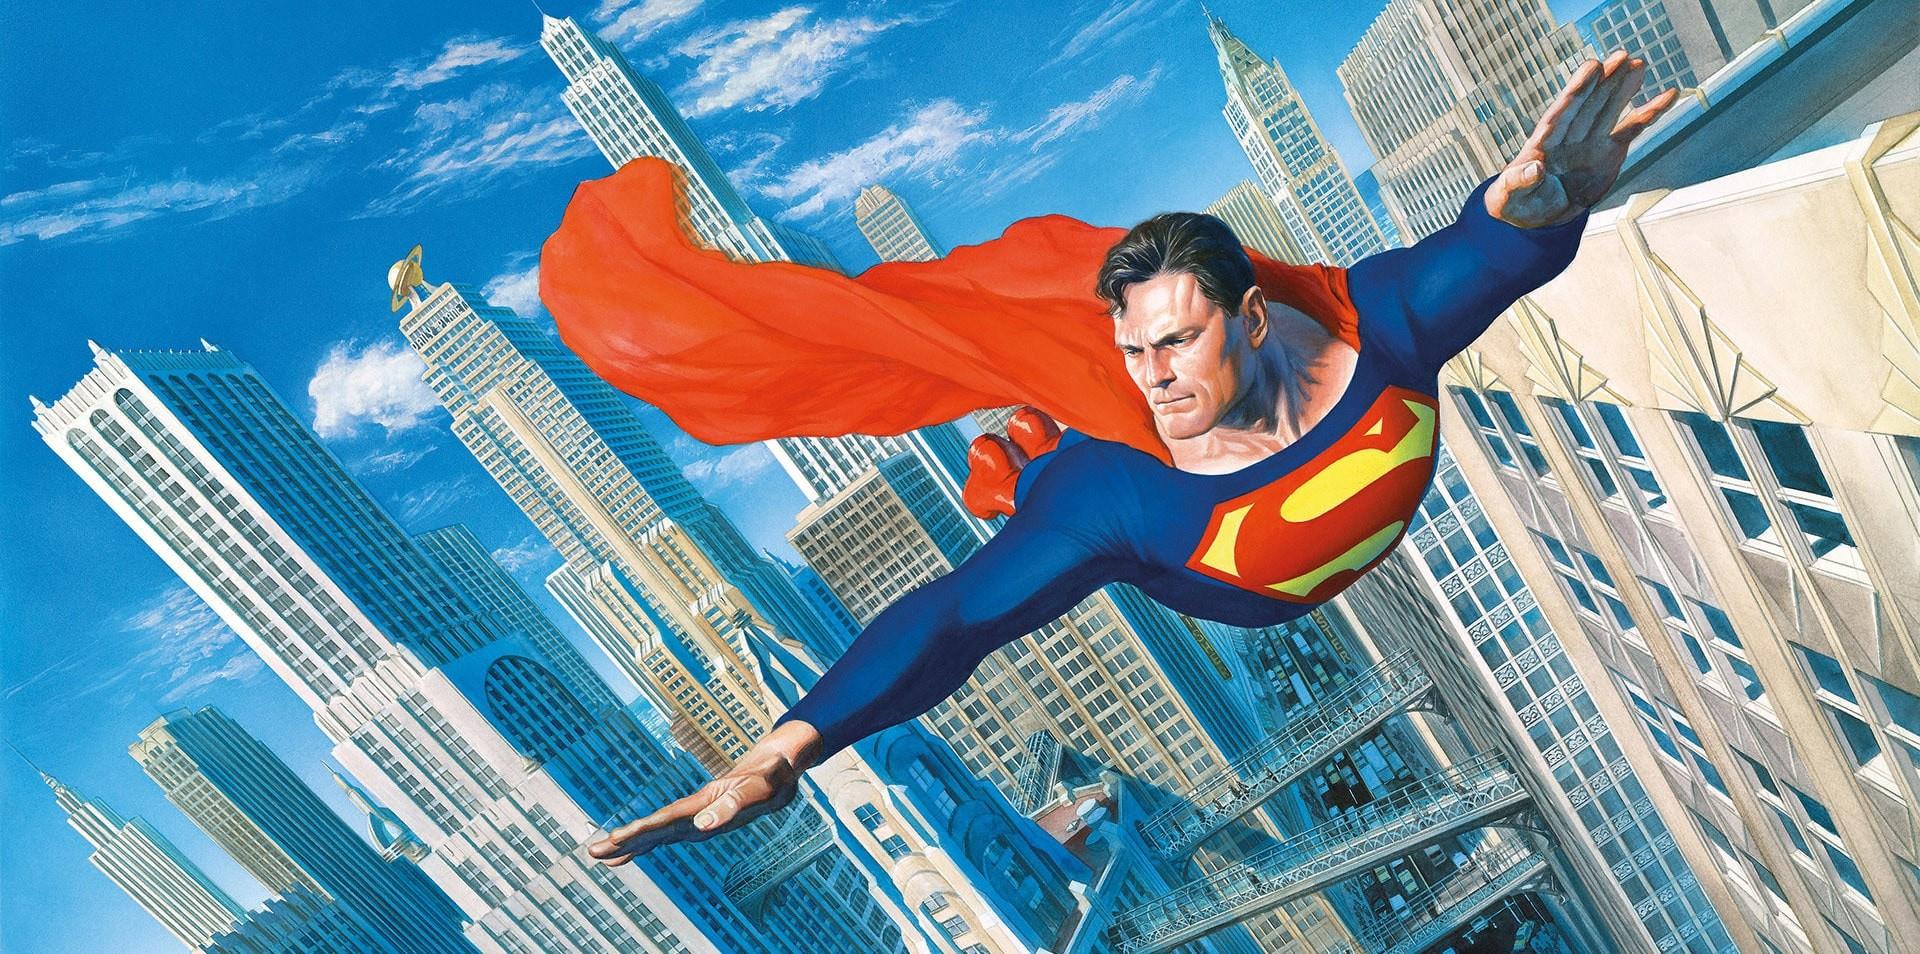 superman-alex-ross-min.jpg